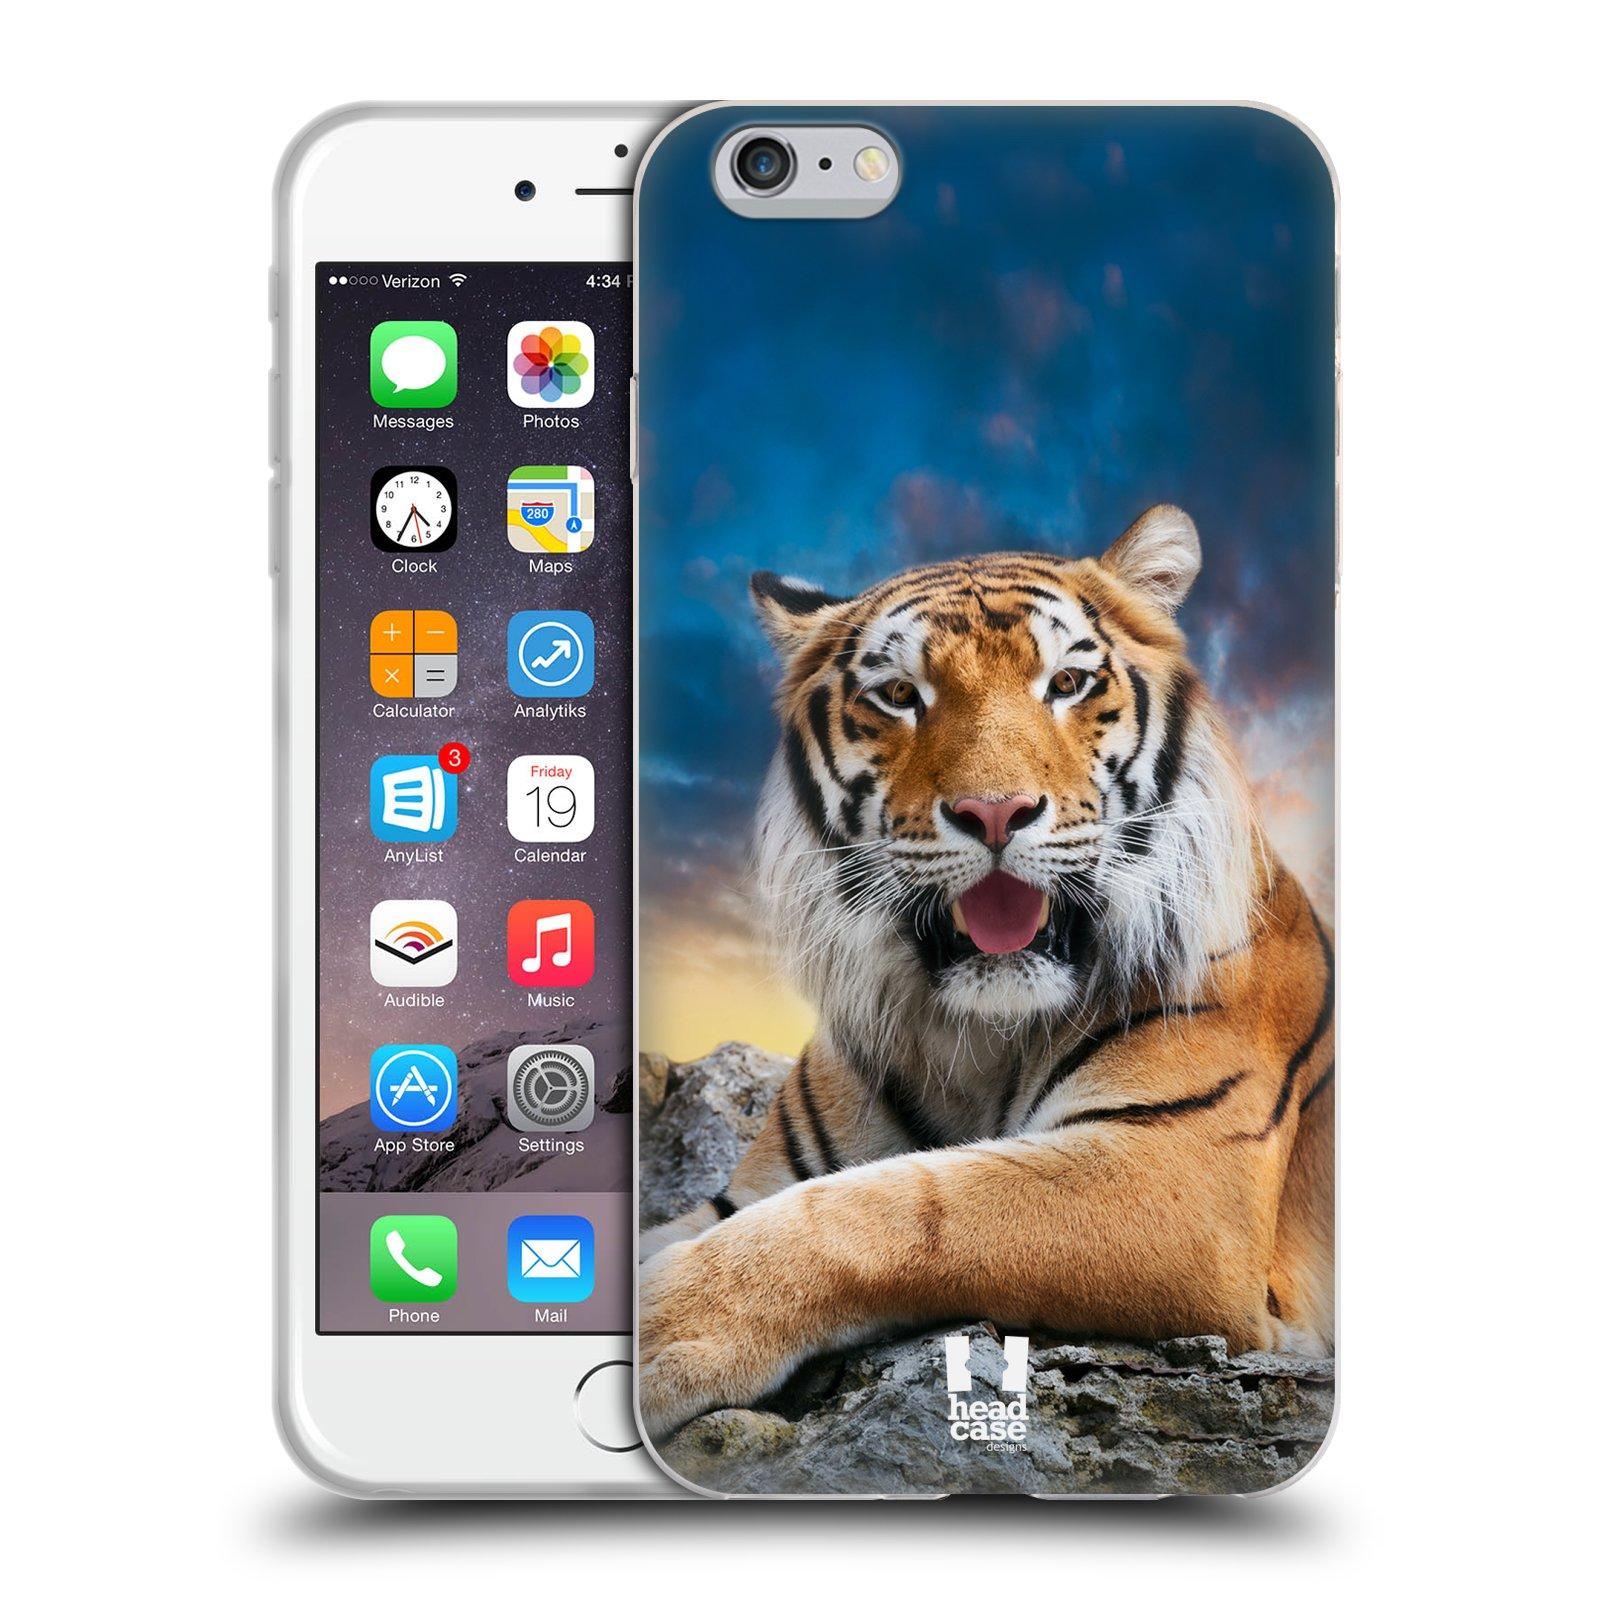 HEAD CASE silikonový obal na mobil Apple Iphone 6 PLUS/ 6S PLUS vzor Divočina, Divoký život a zvířata foto TYGR A NEBE